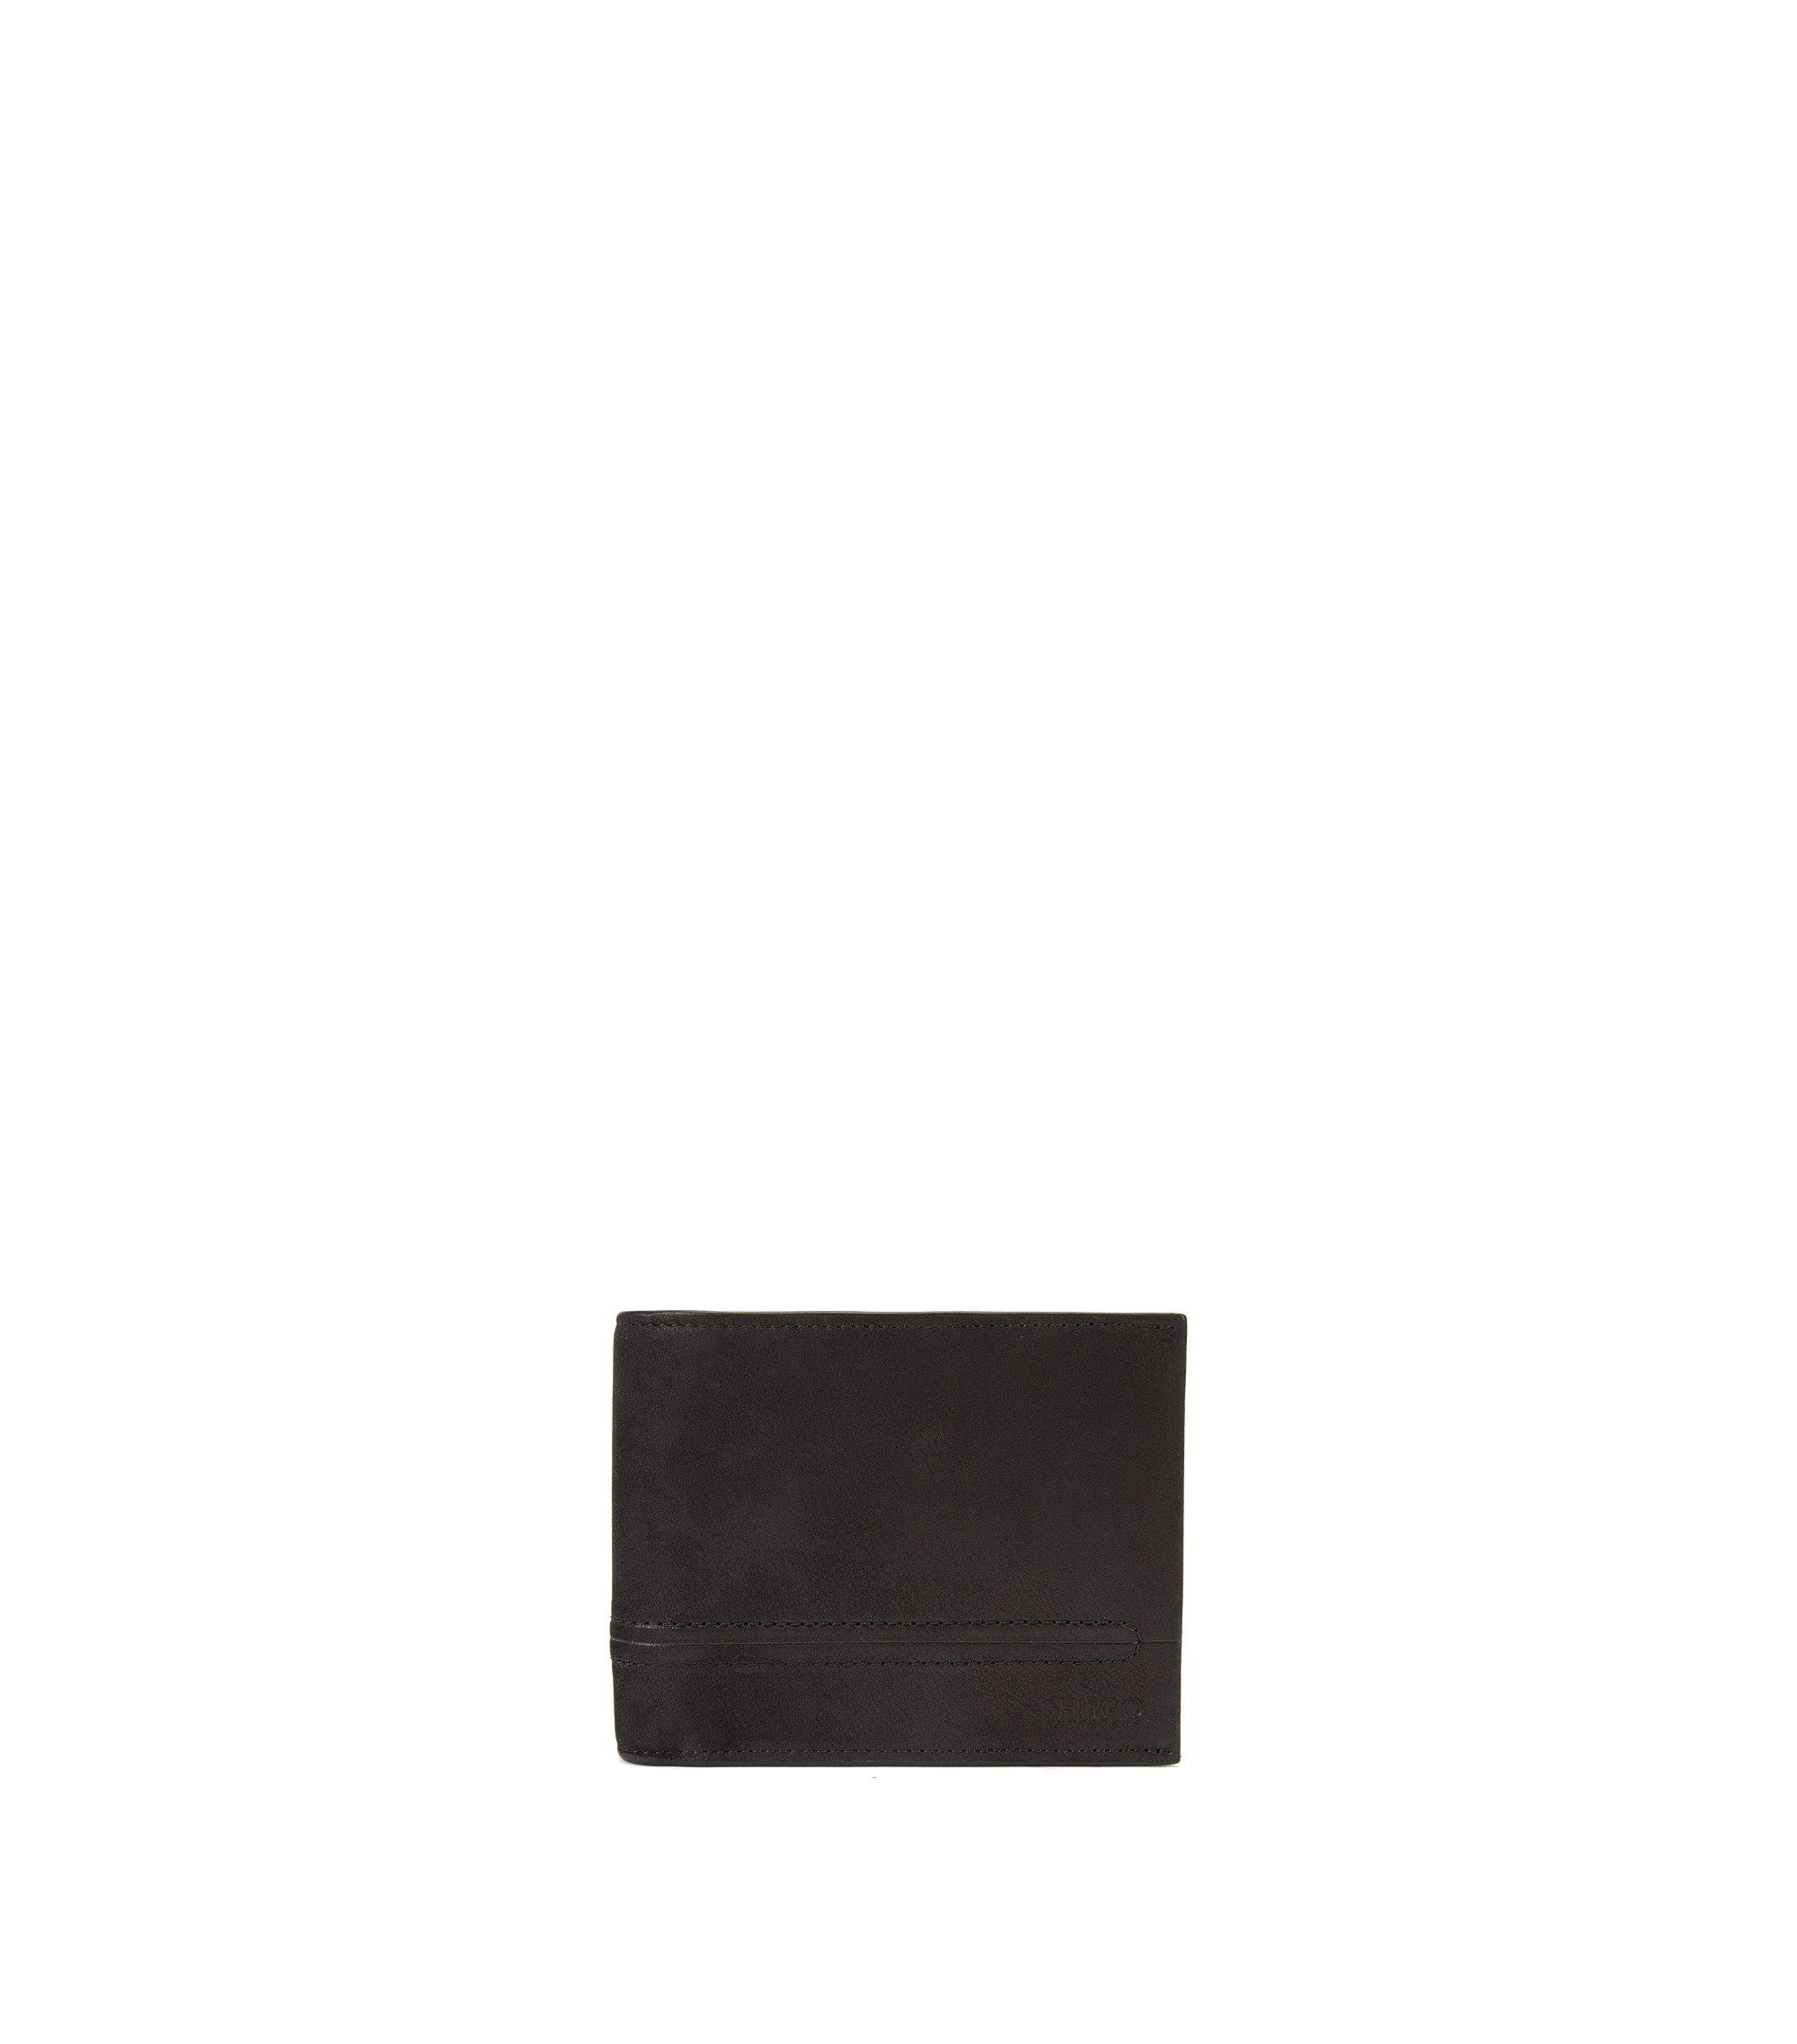 Klapp-Geldbörse aus Leder mit Naht-Details , Schwarz